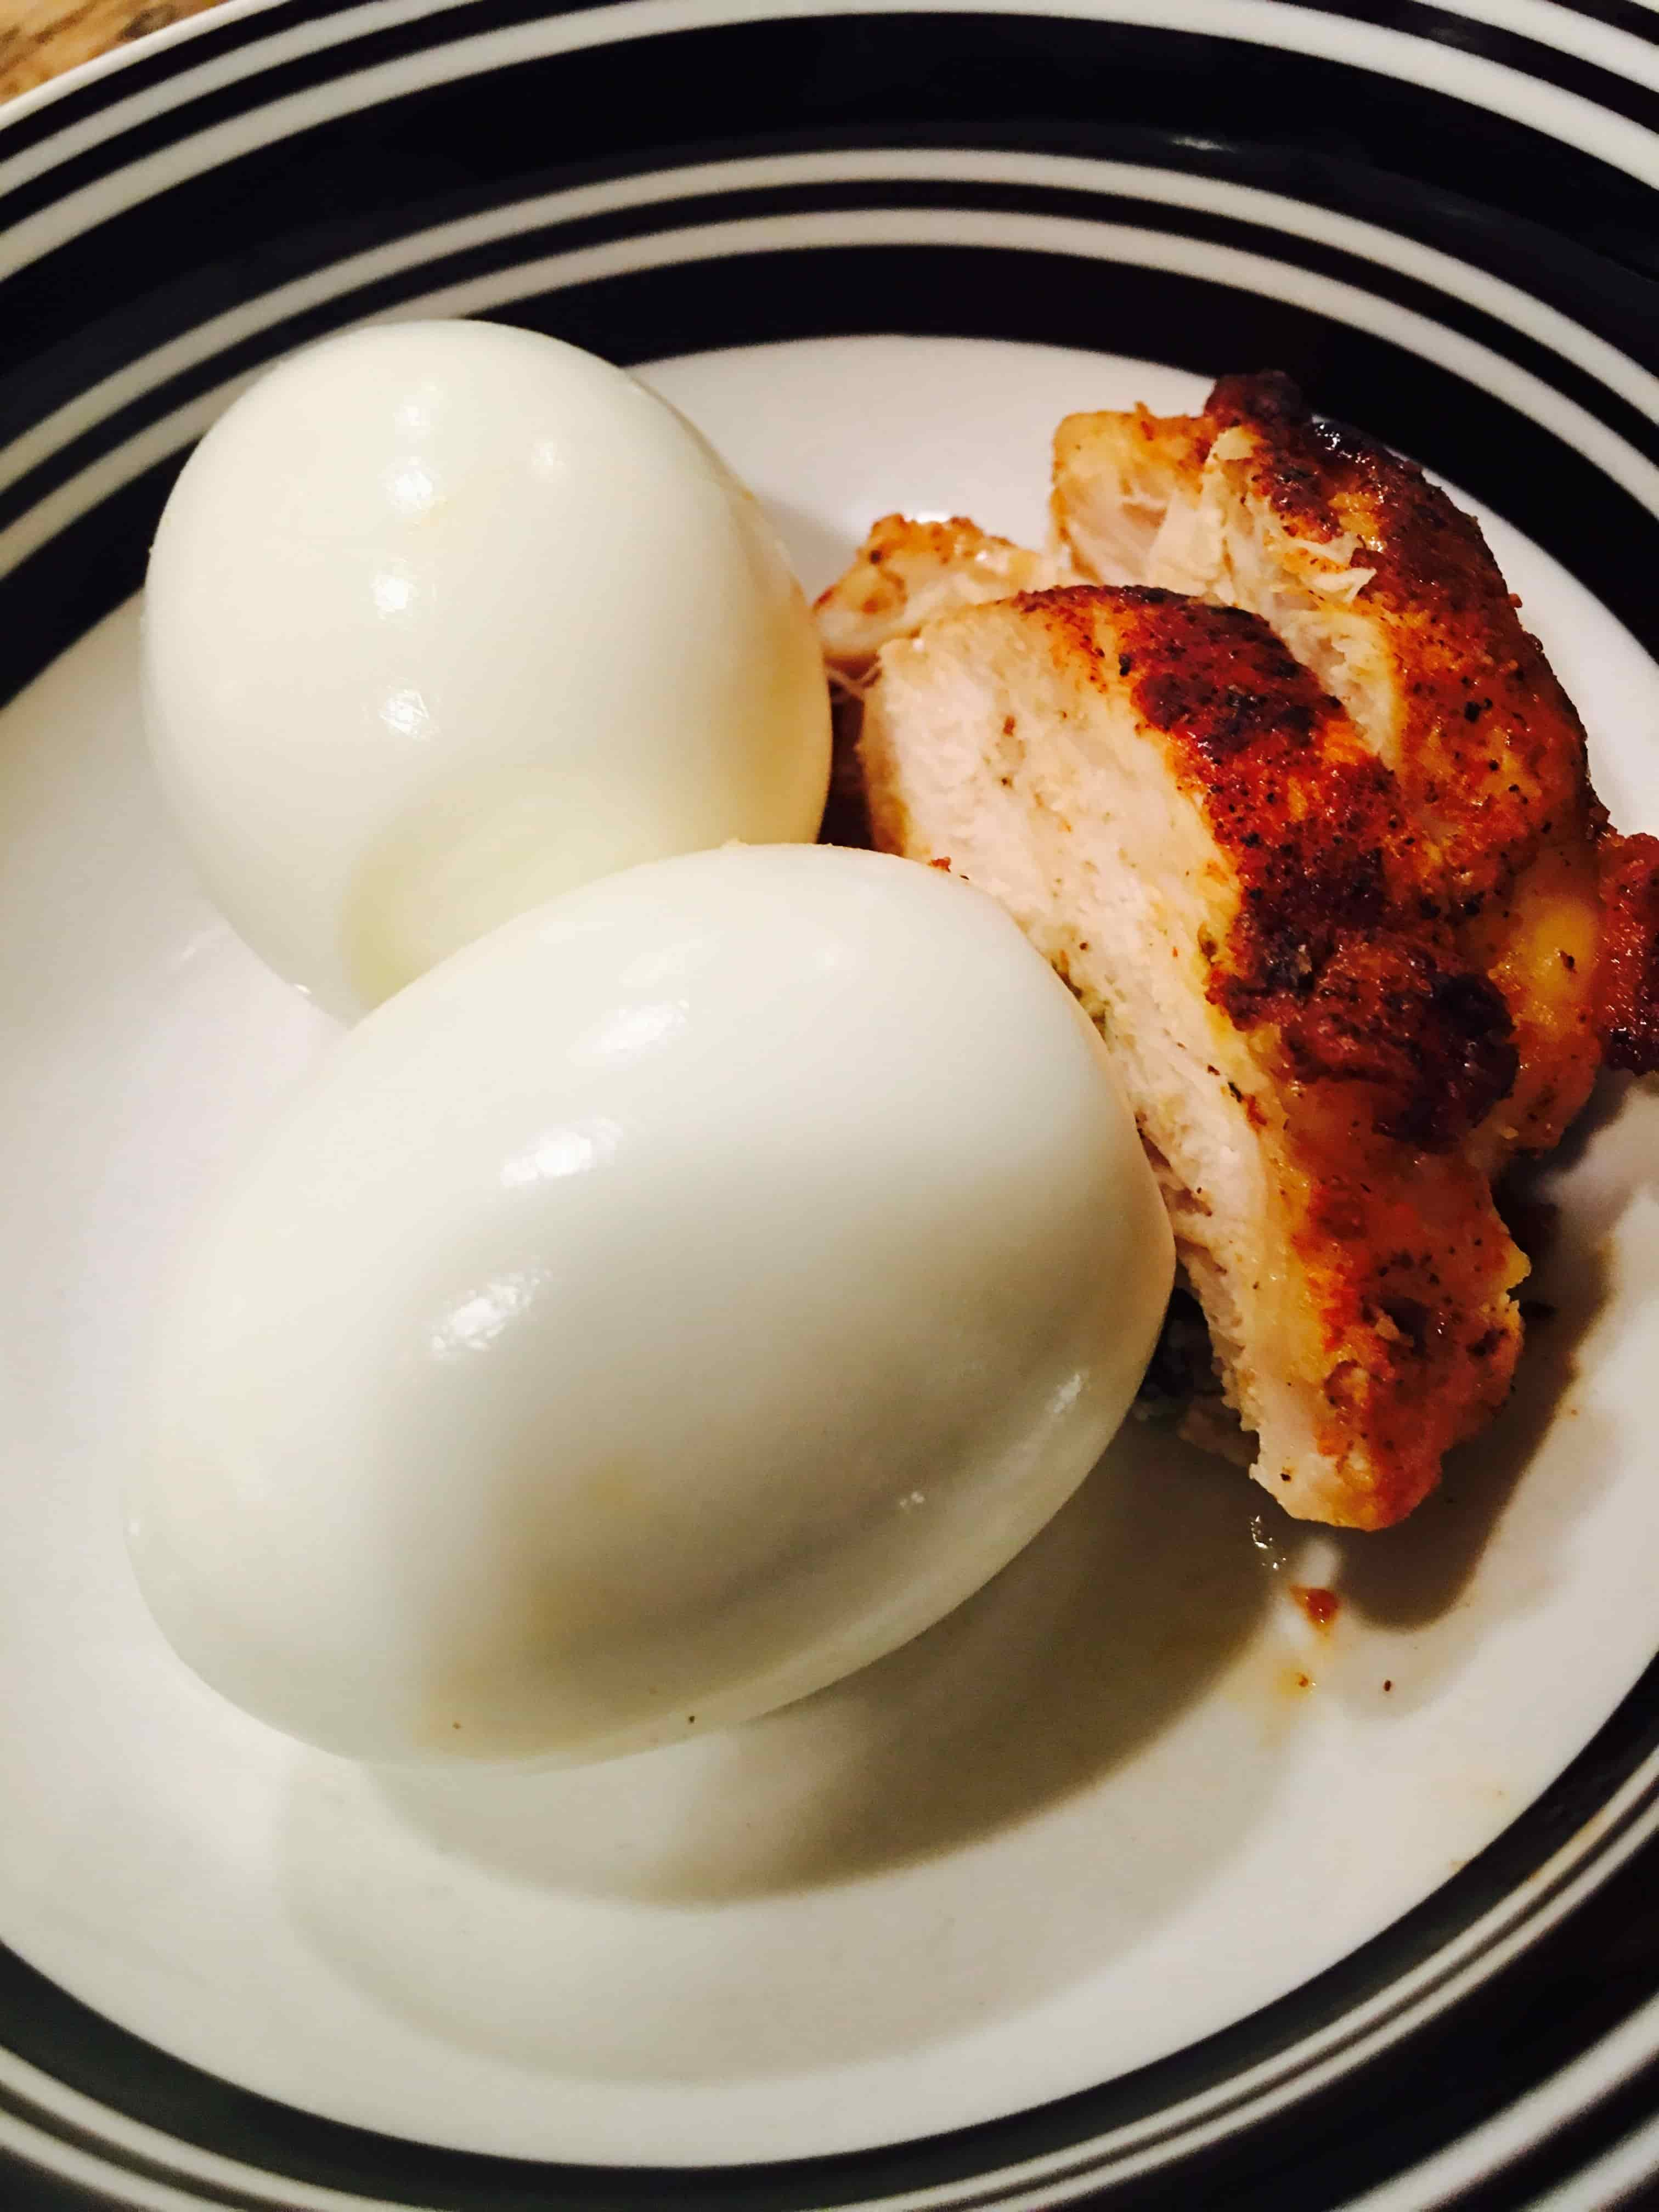 Thực đơn giảm cân với trứng: Bí quyết ăn ngon vẫn có dáng gọn, eo thon chị em nên biết - 4